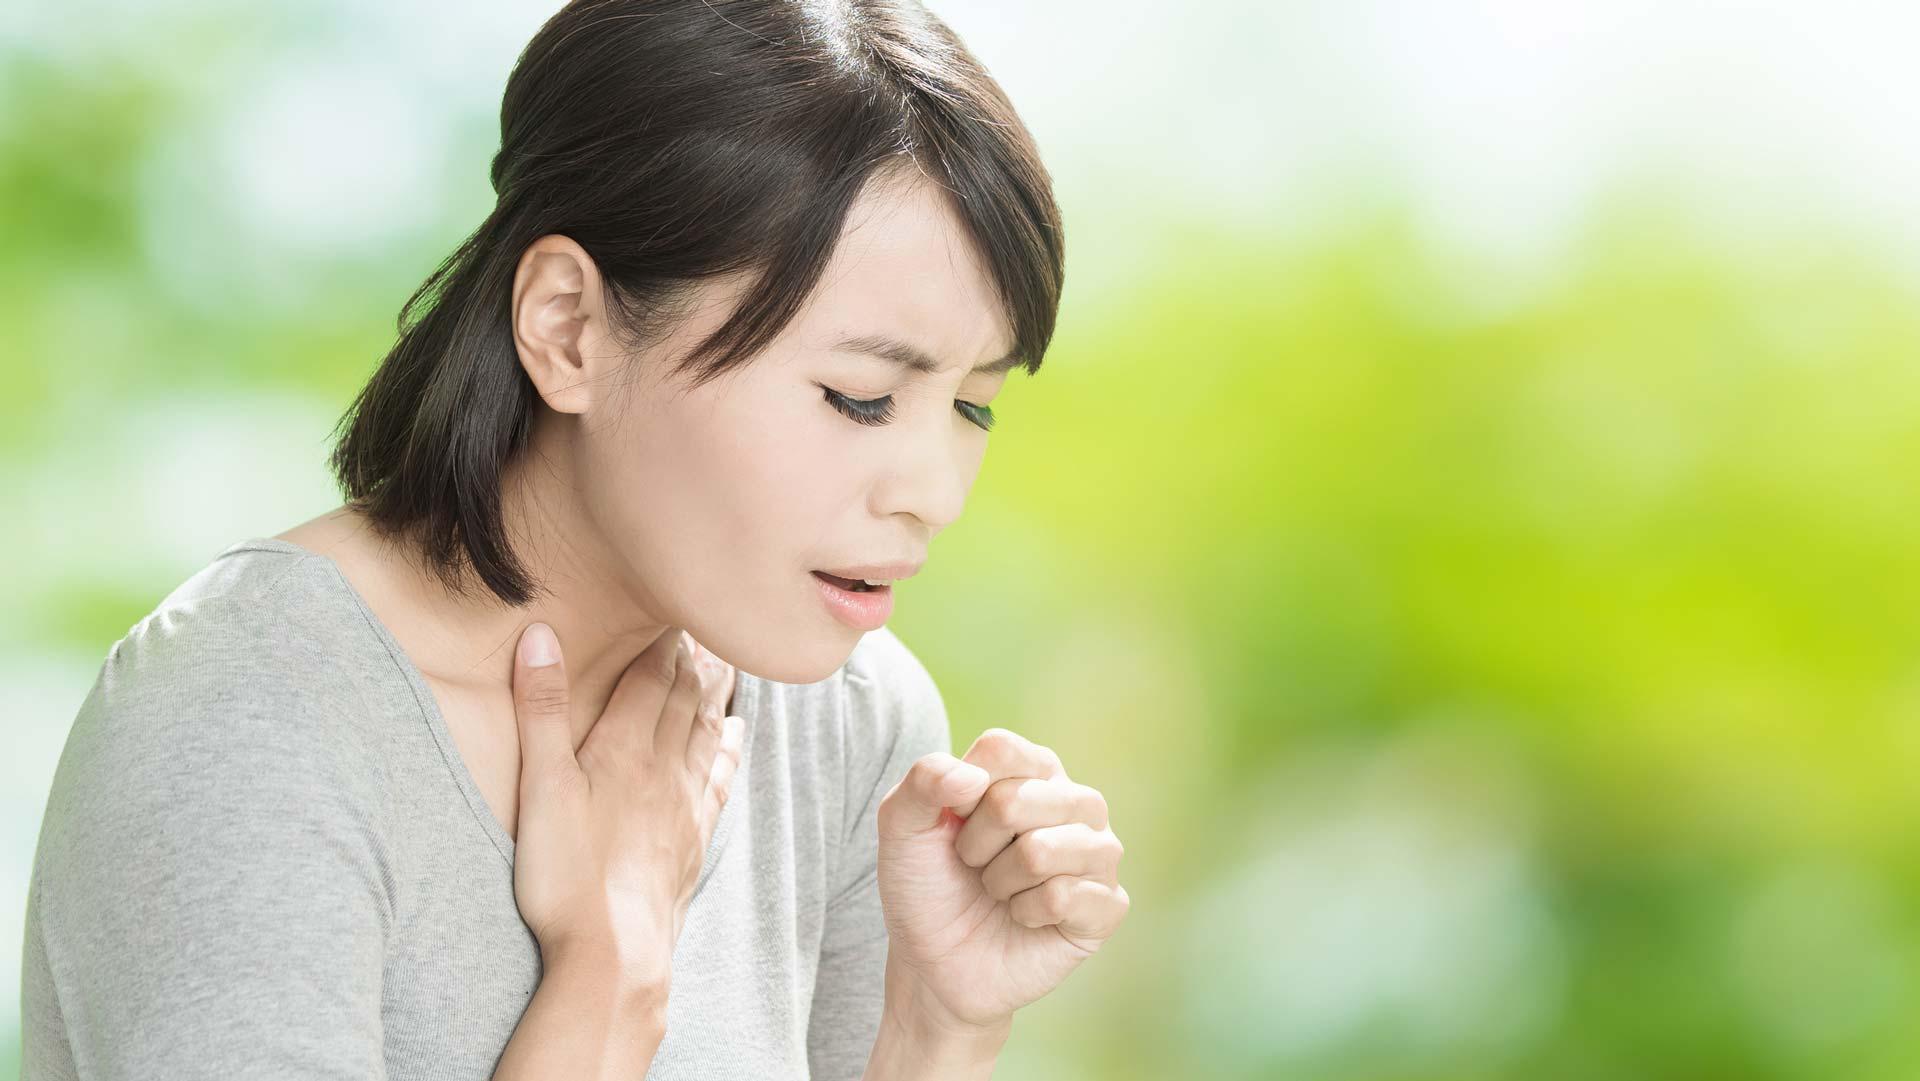 آسپیراسیون چیست؟ علائم، تشخیص و درمان